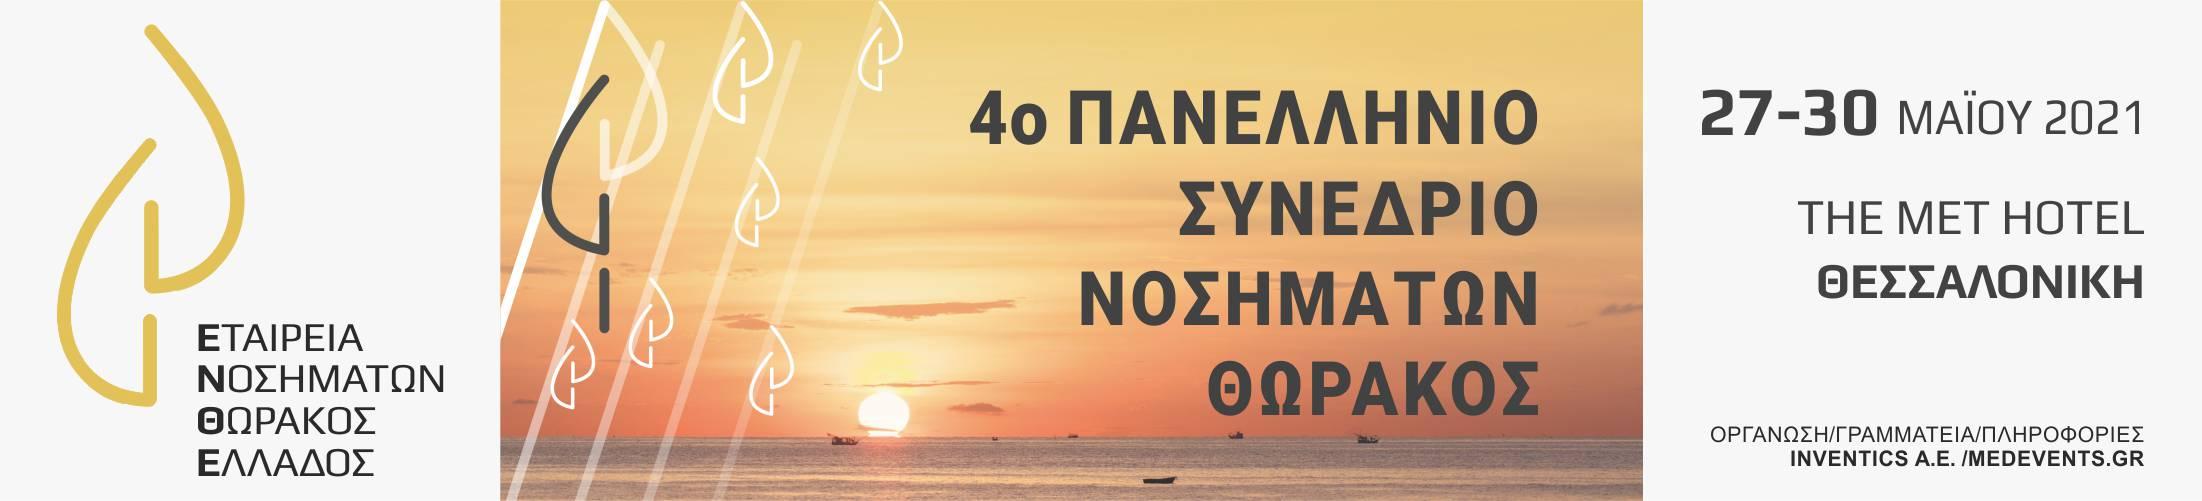 4ο_Πανελλήνιο_Συνέδριο_Νοσημάτων_Θώρακος_2021_banner1